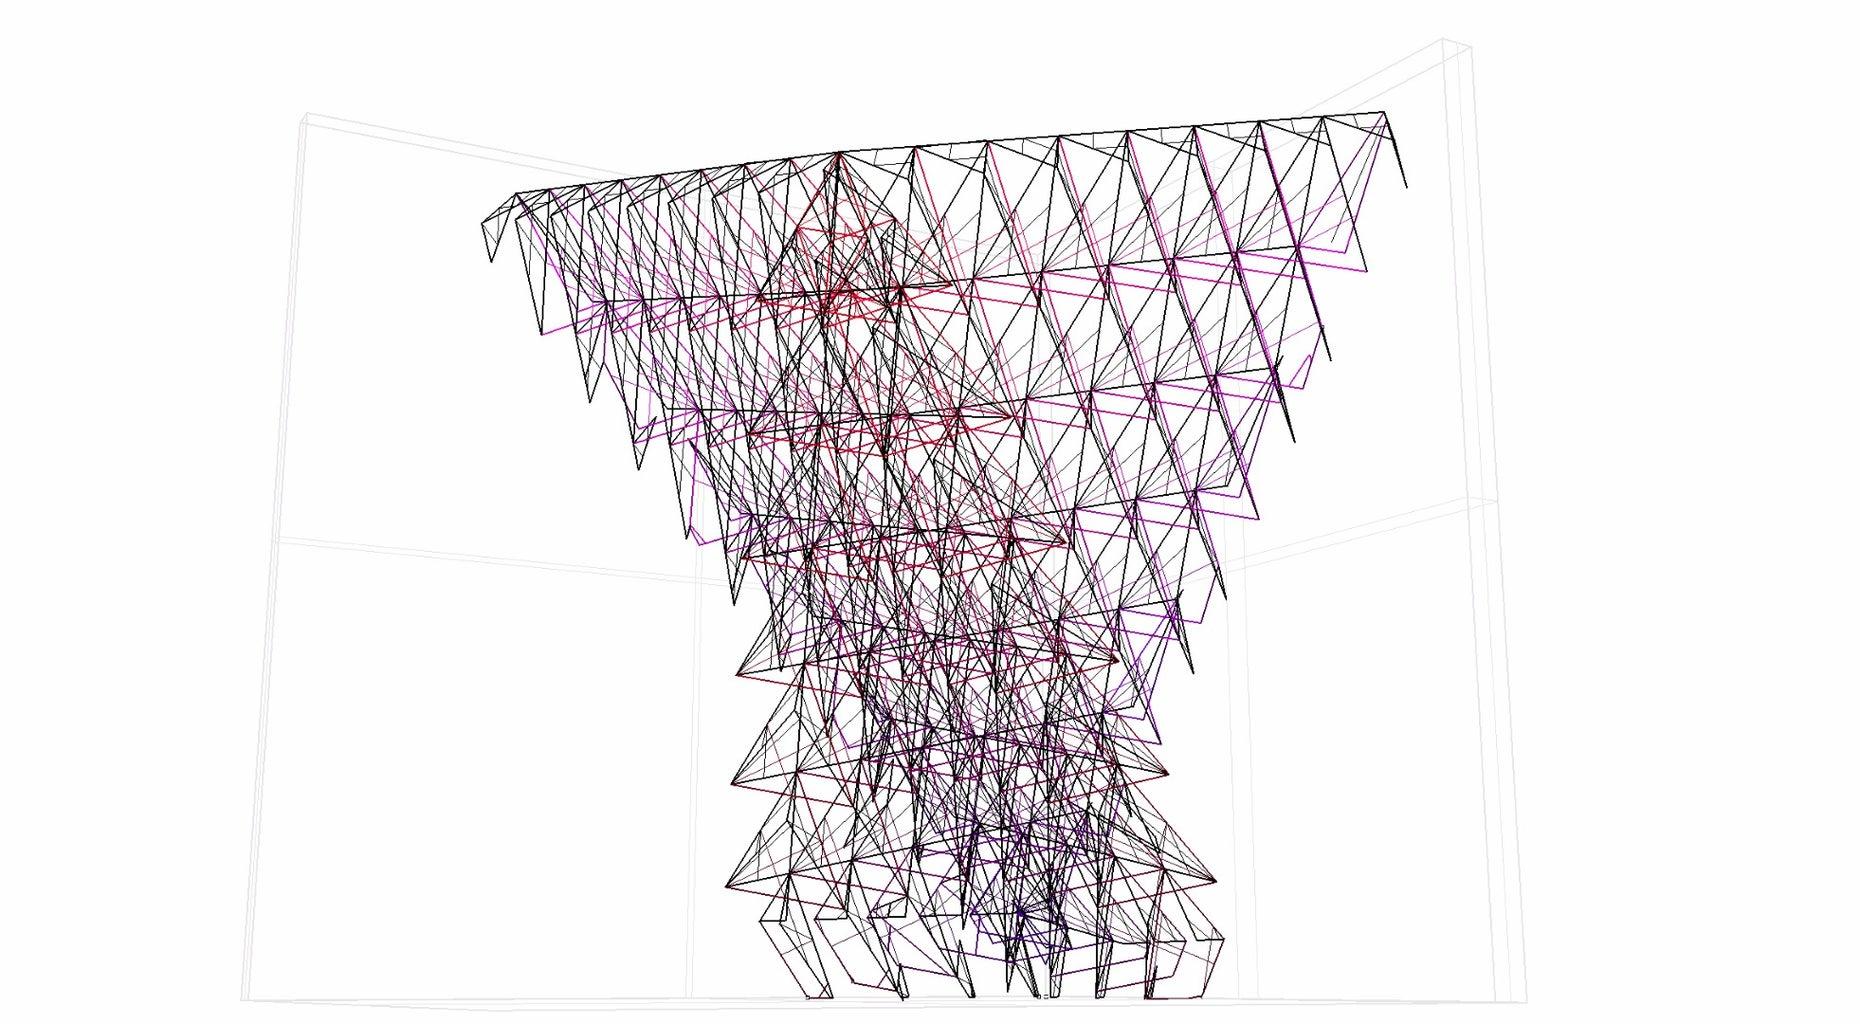 CAD DESIGN PROCESS: